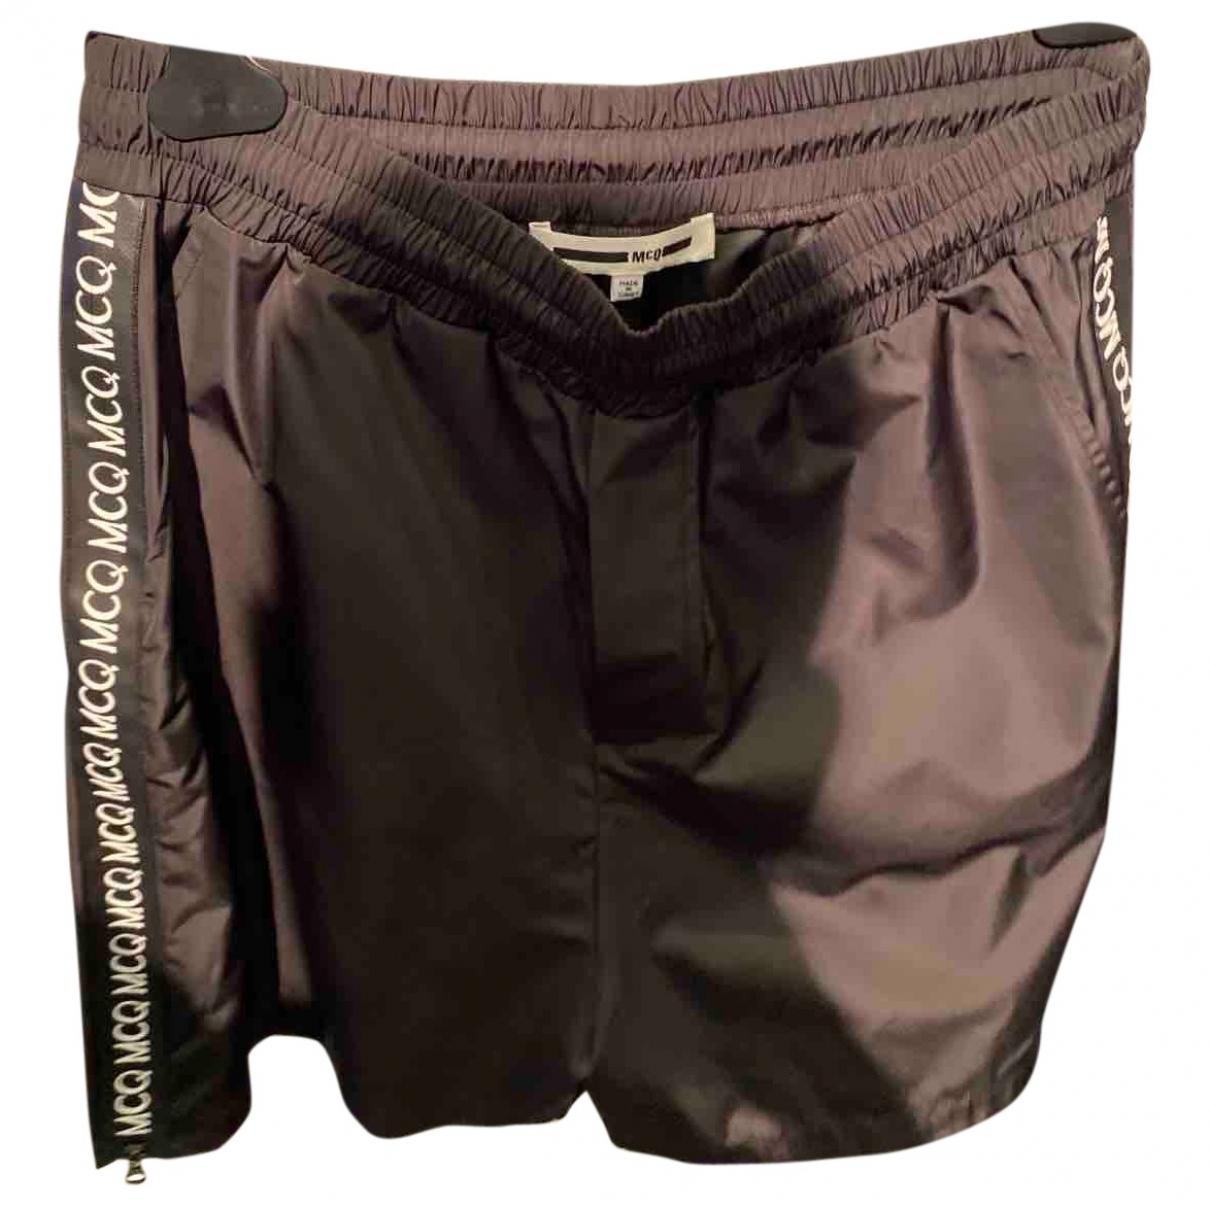 Pantalon corto Mcq